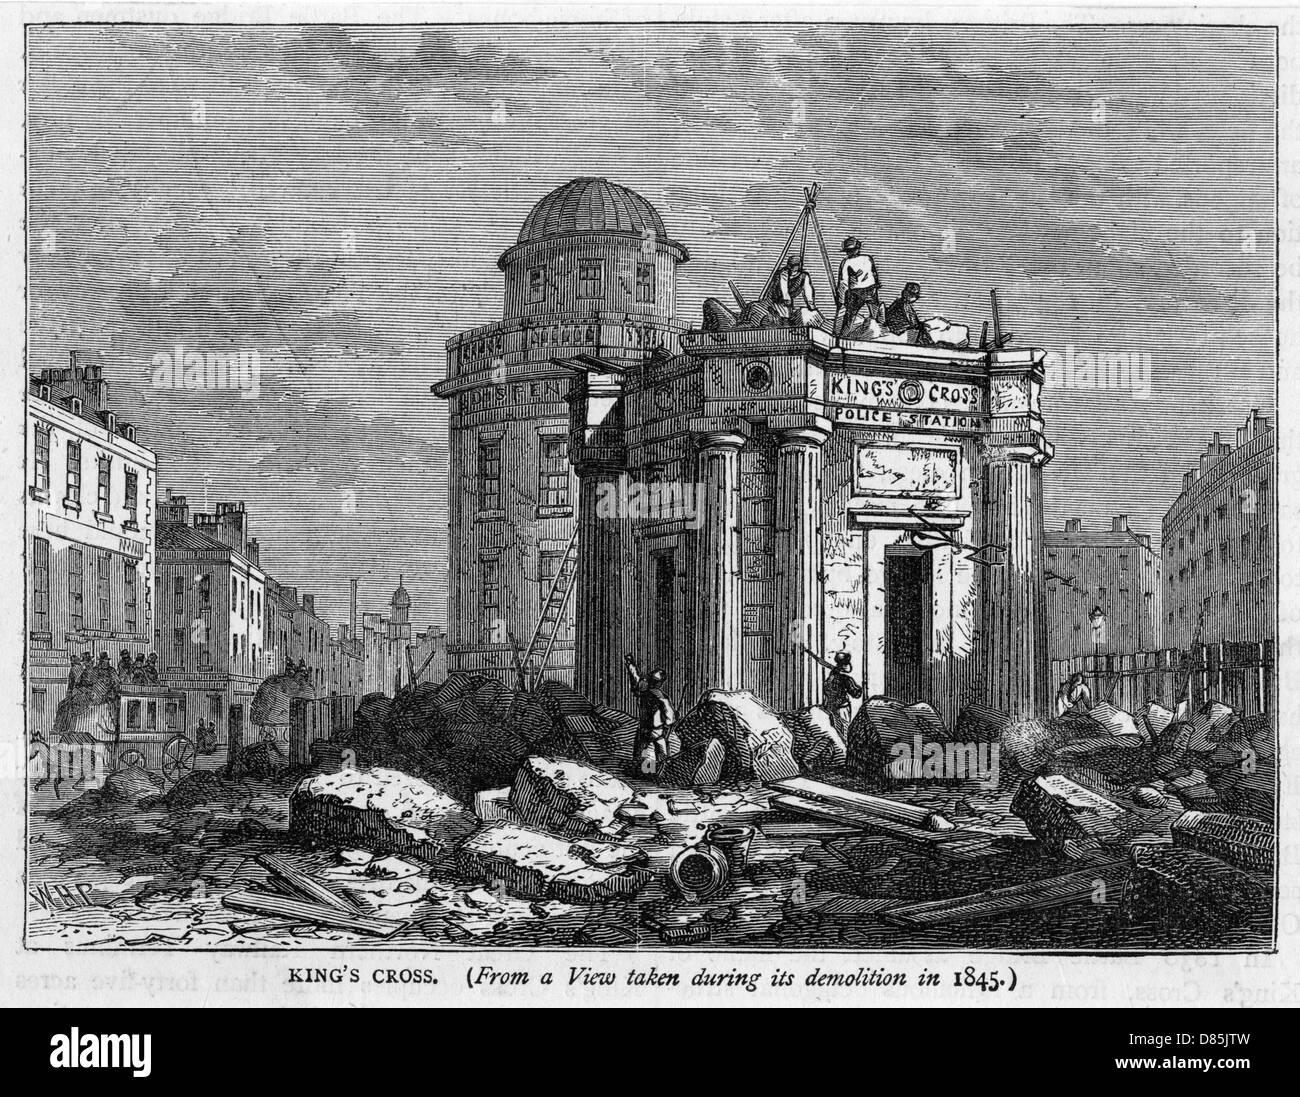 Kings Cross Demolished - Stock Image